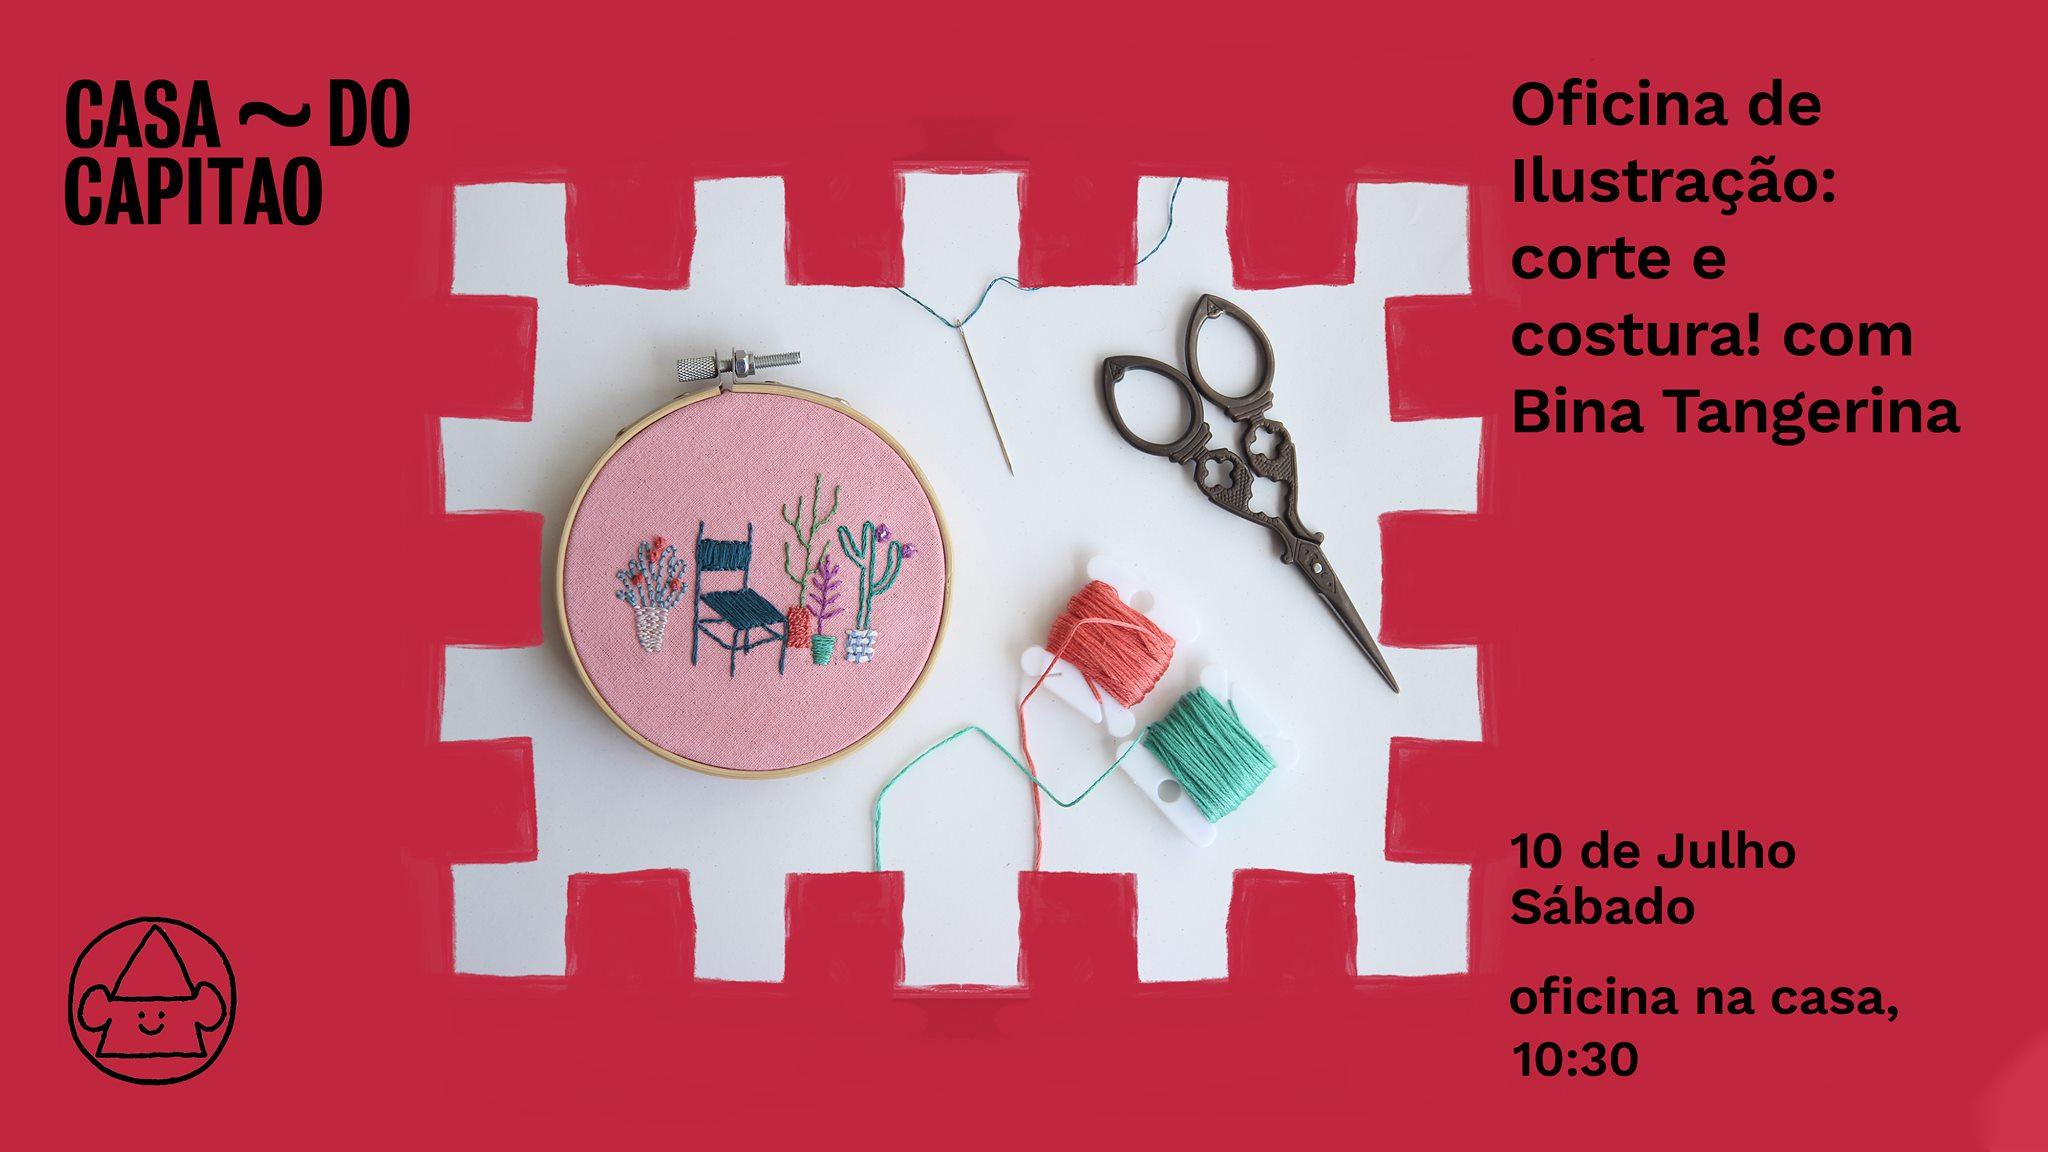 Oficina de Ilustração: corte e costura! com Bina Tangerina